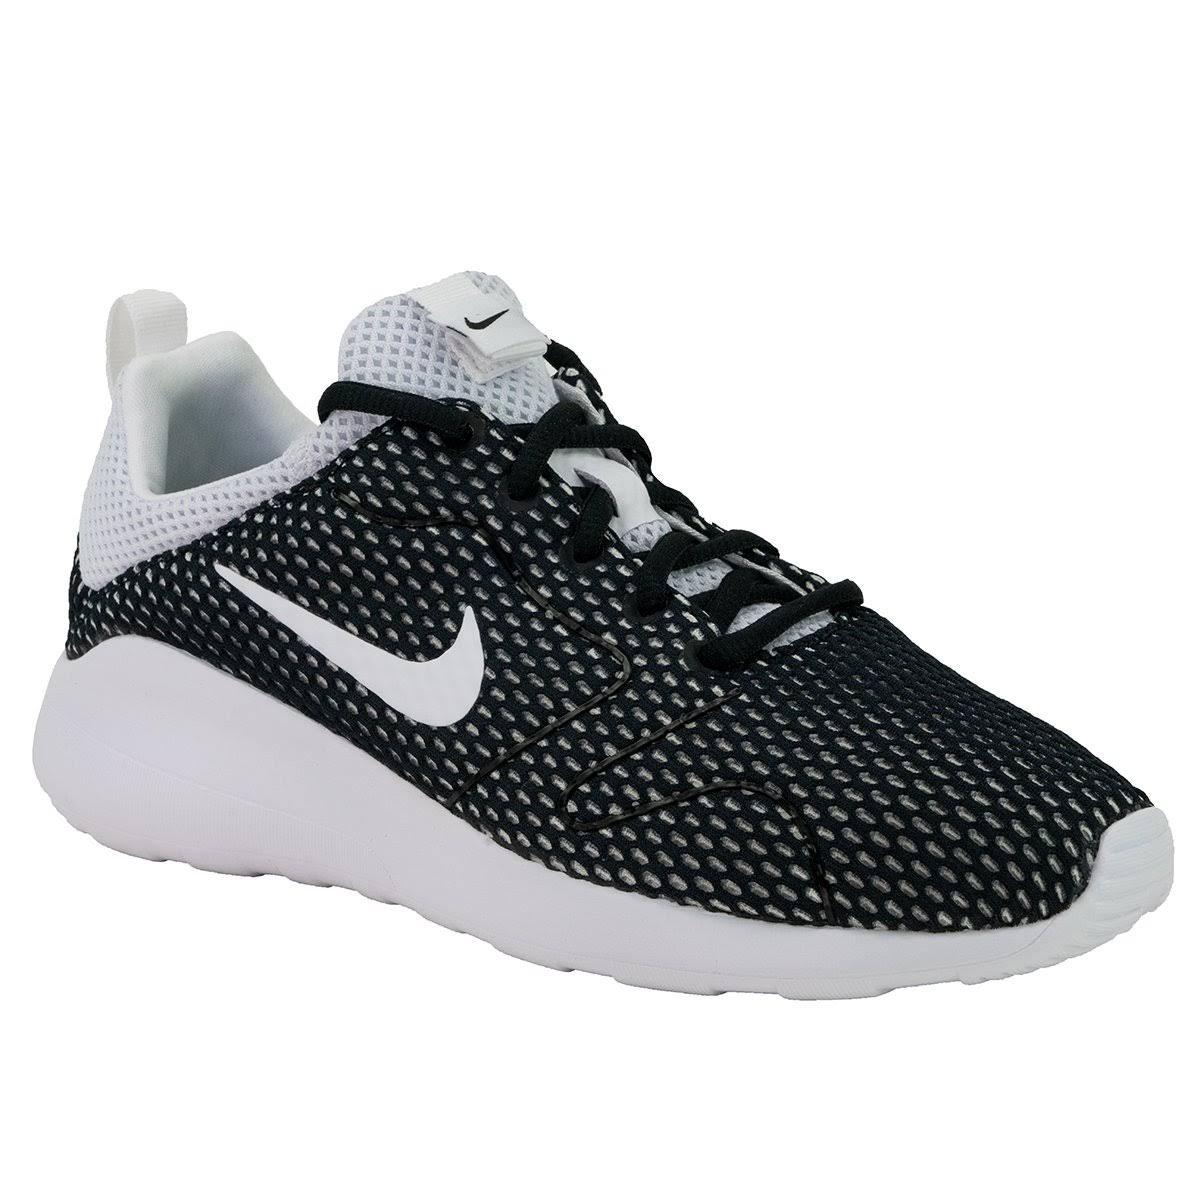 Herren Se Nike 6 2 Kaishi 0 5 Schwarz Weiß Schuhe wRnnUxS